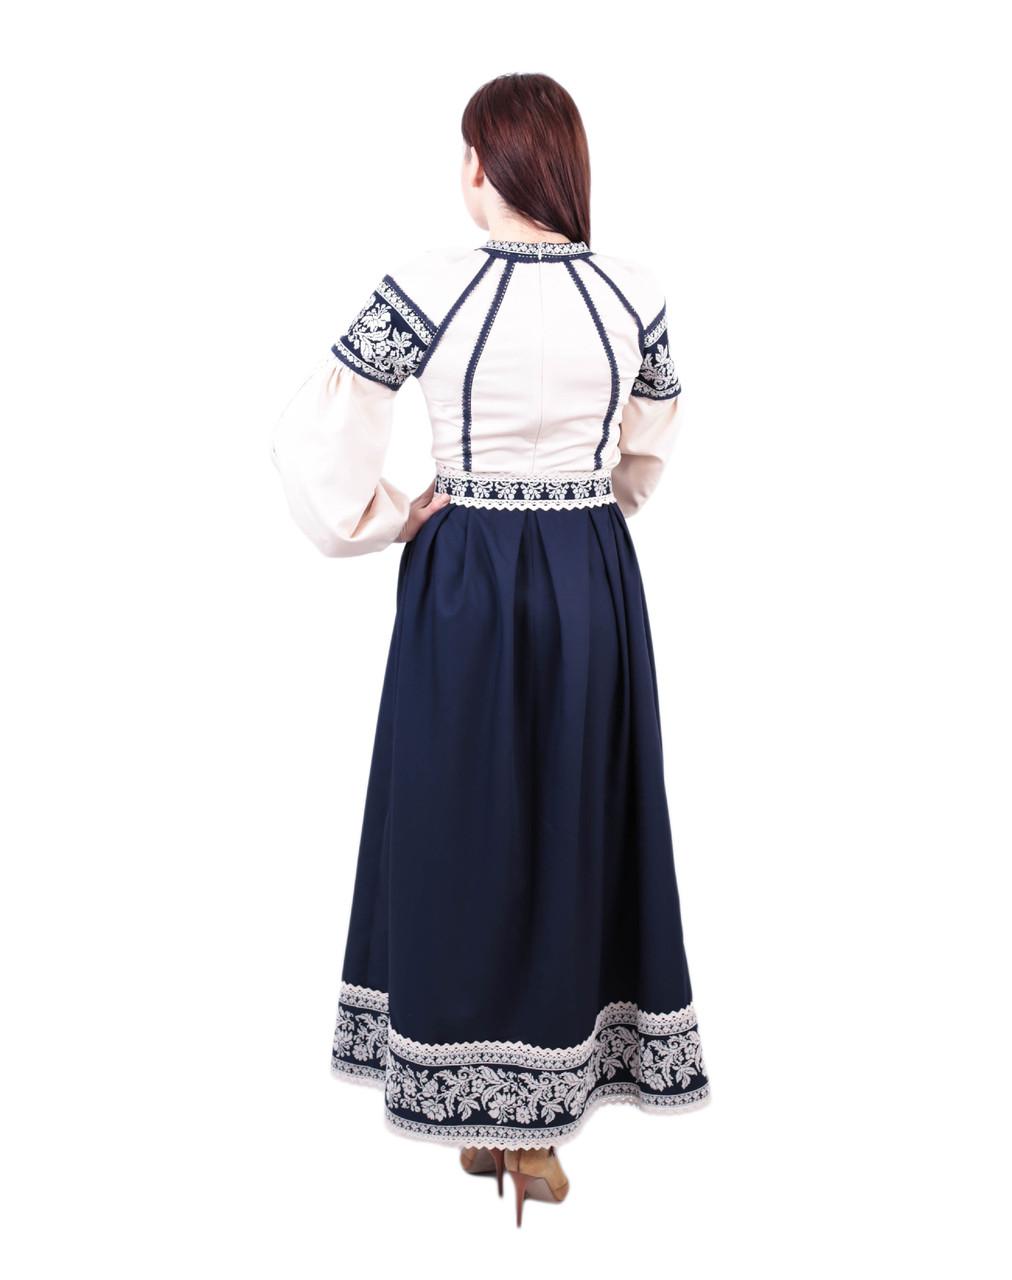 Вишите котонове синьо-бежеве довге плаття з машинною вишивкою ... 4e3d54a28ee78